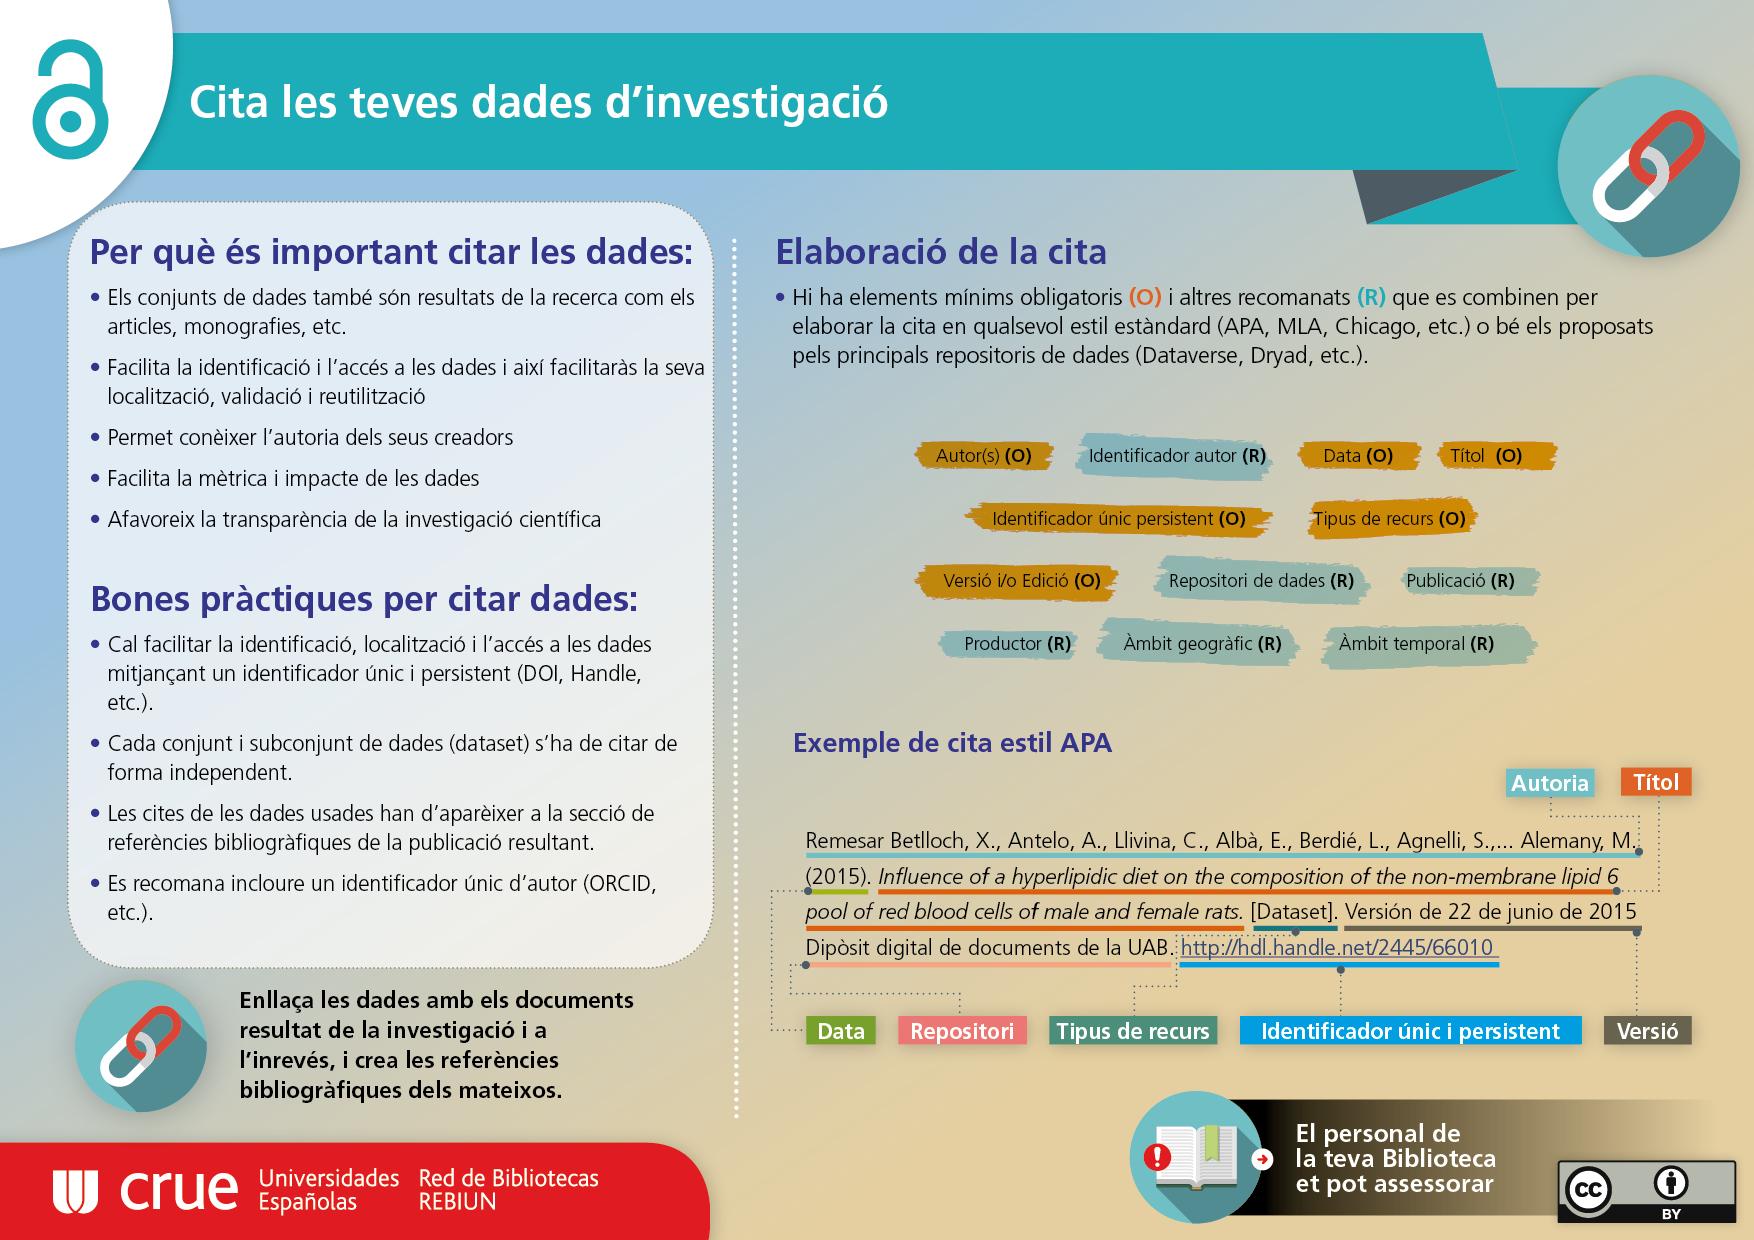 Infografia realitzada per REBIUN sobre Com citar les teues dades d'investigació